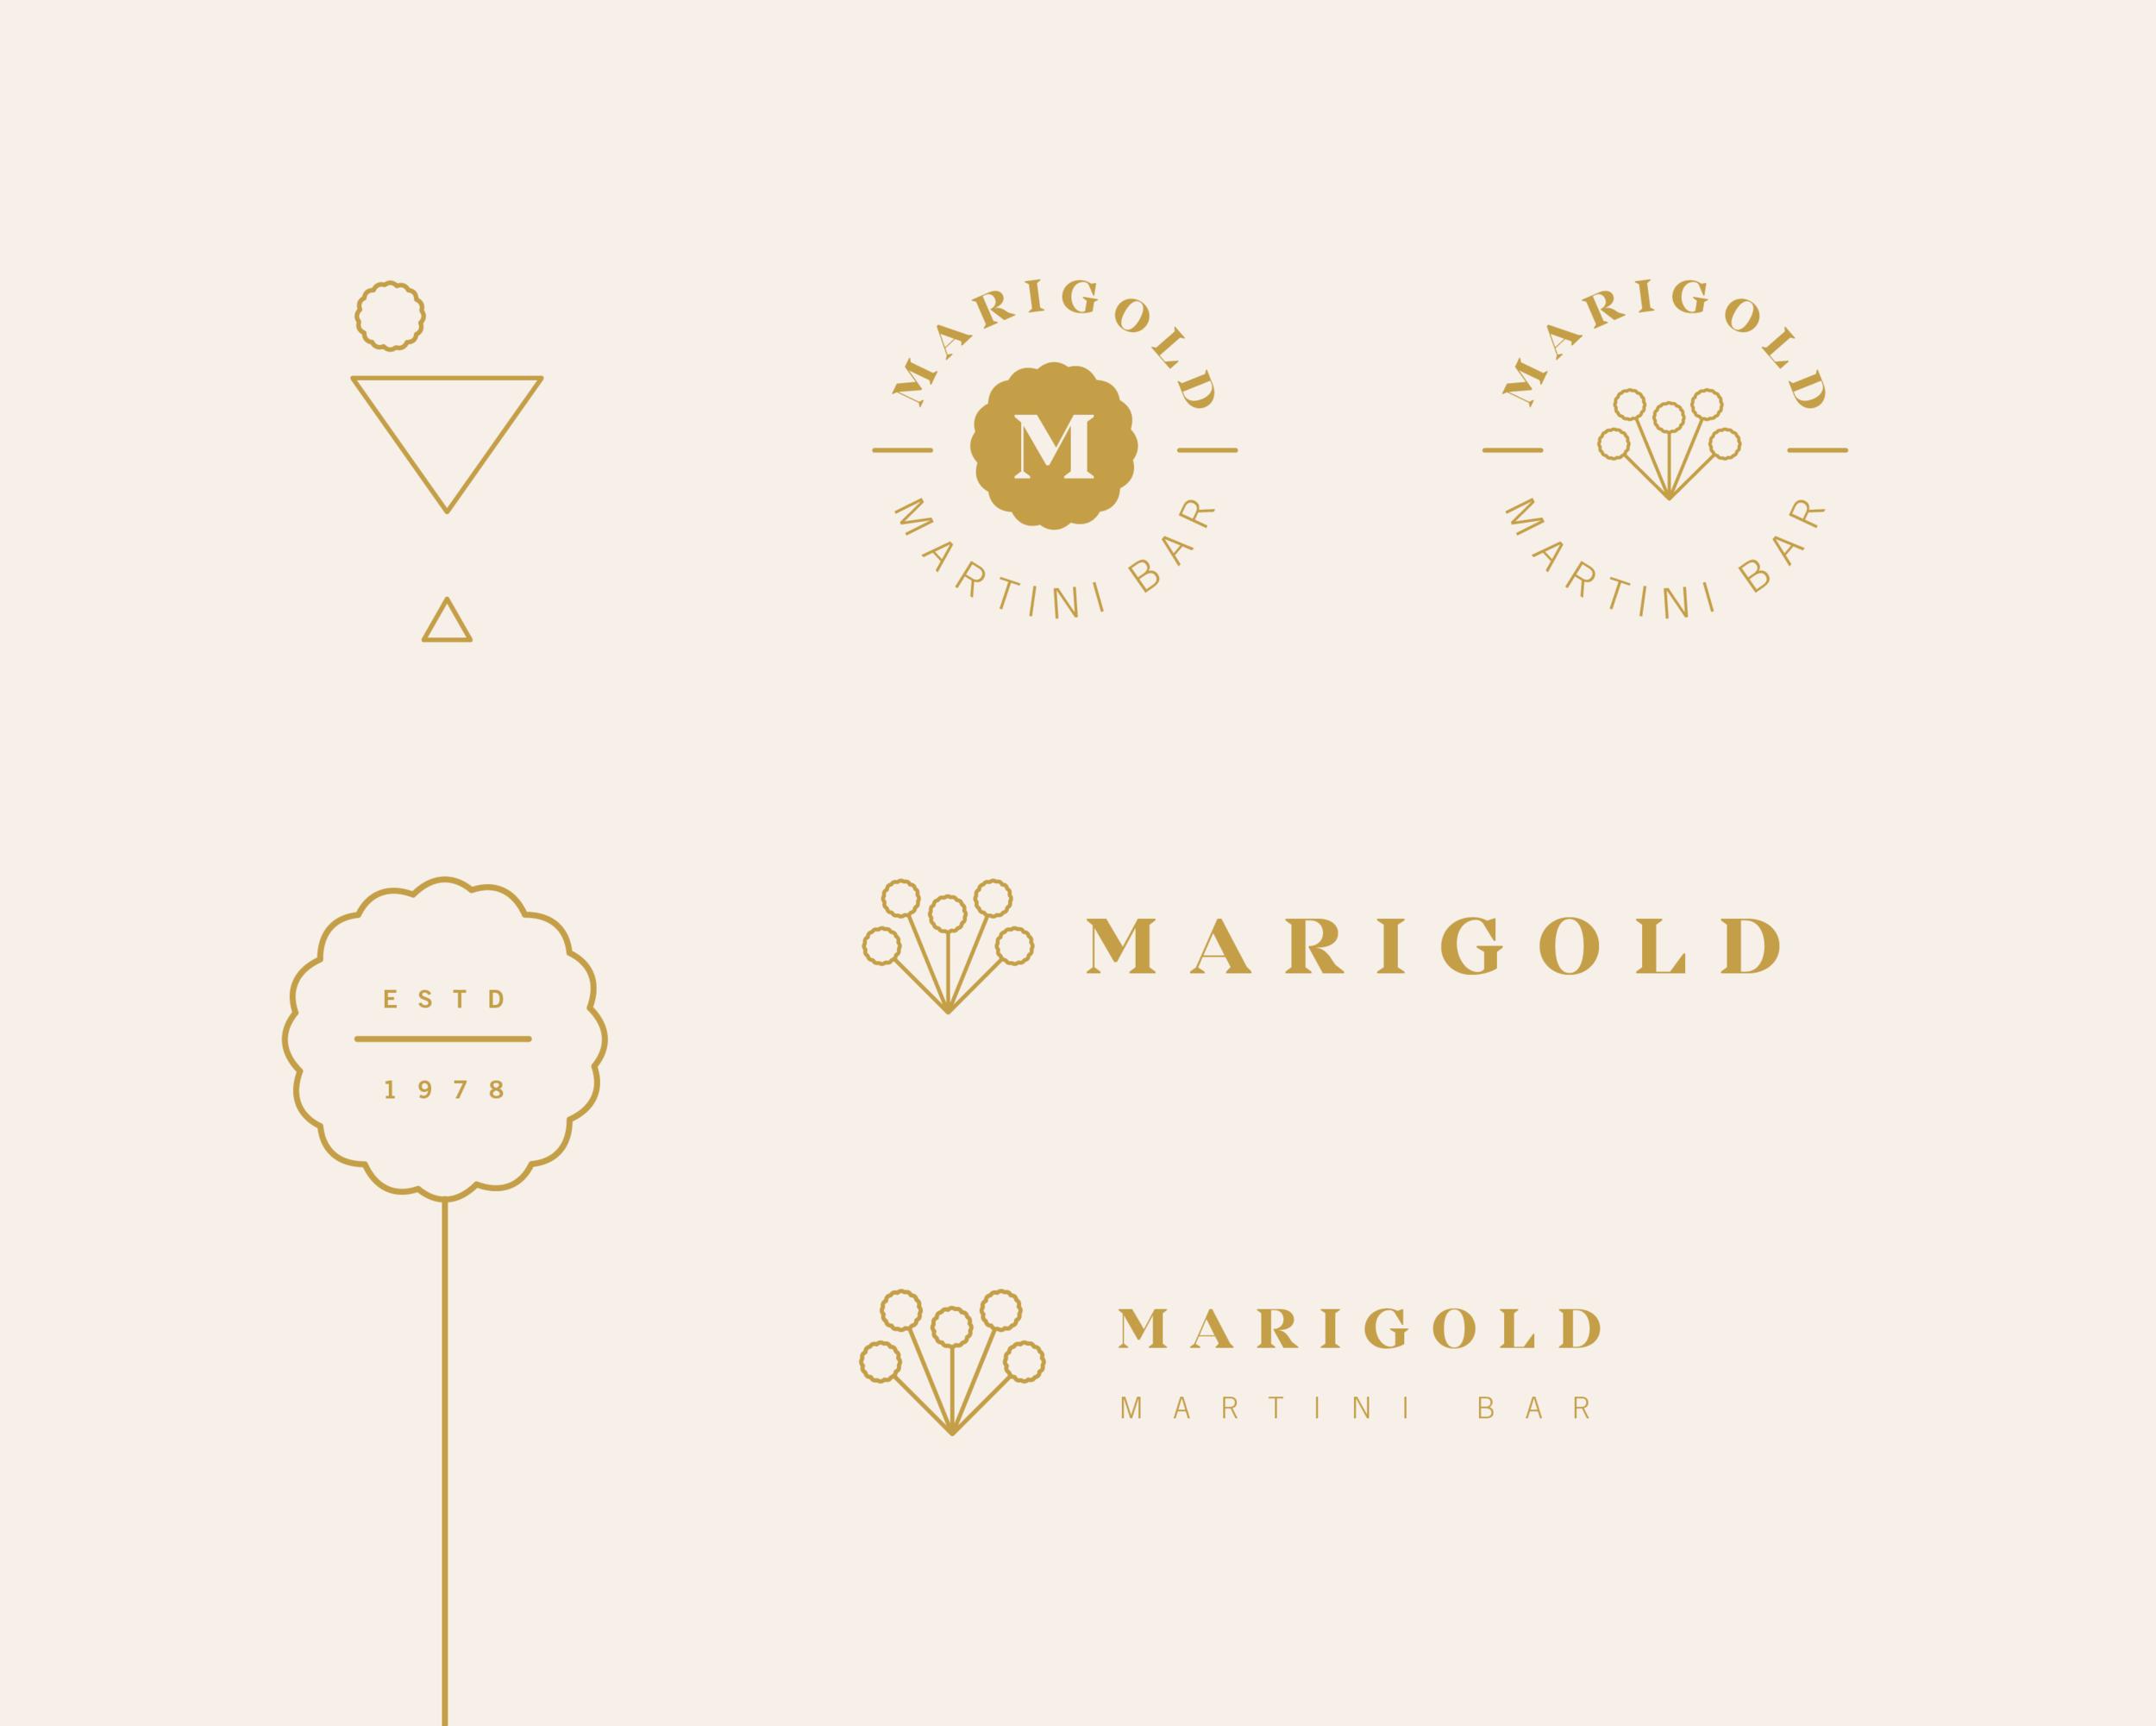 MARIGOLD_Branding_v01-08.png